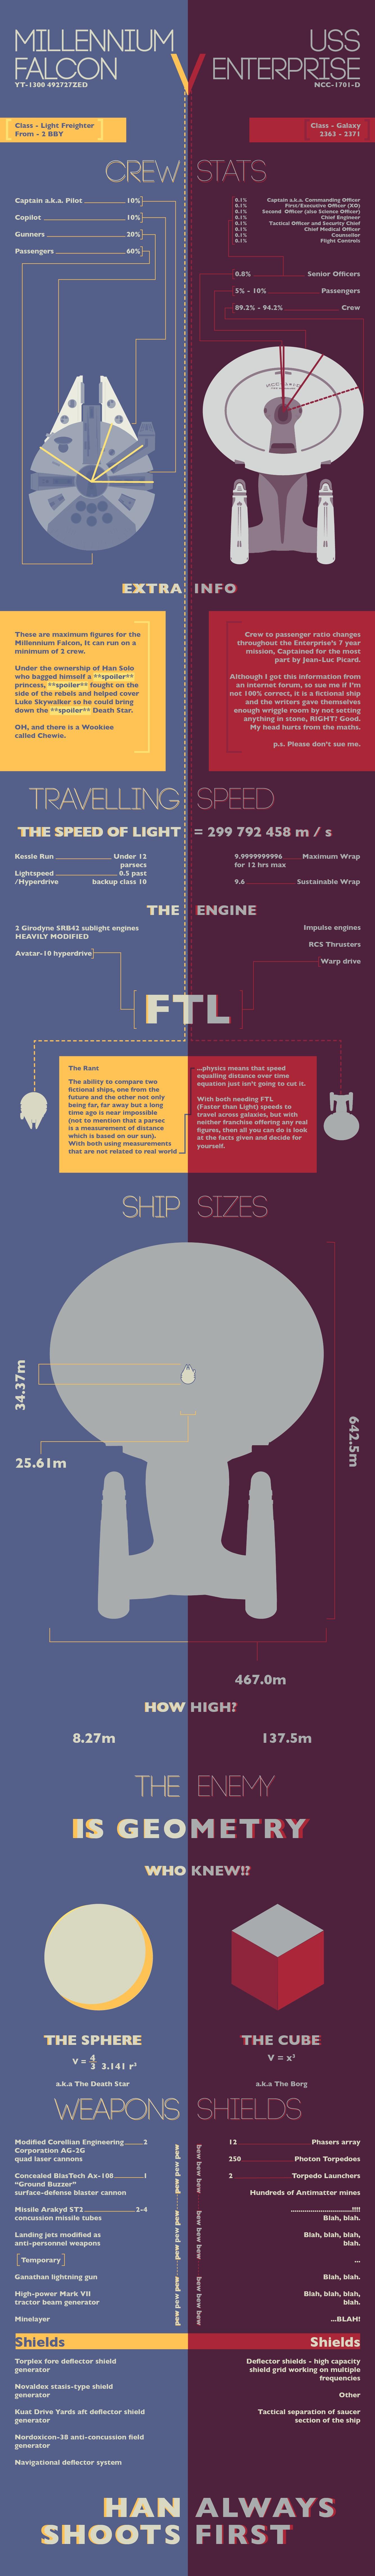 millenium_falcon_vs_uss_enterprise_infographic